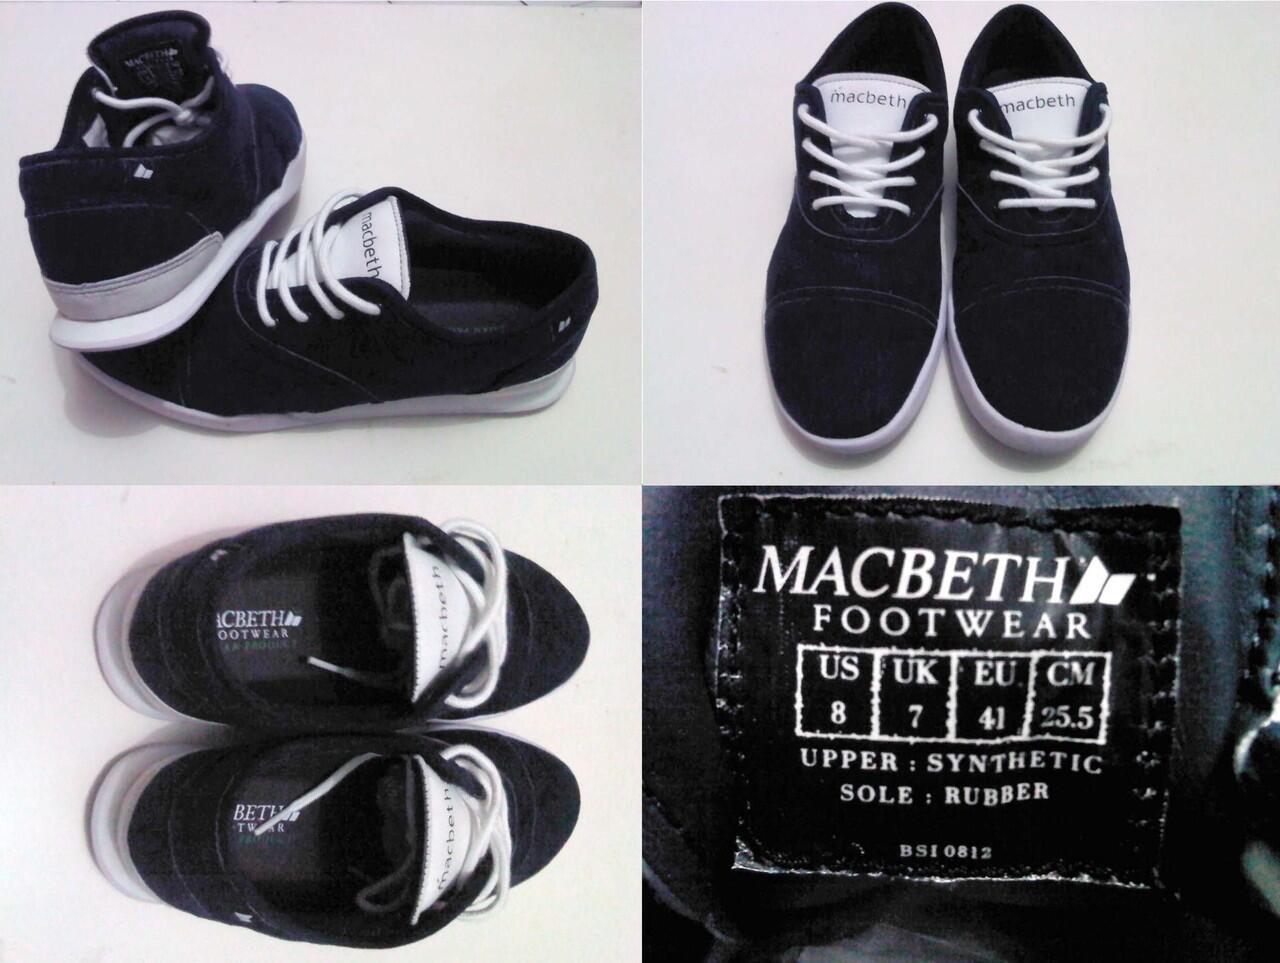 MACBETH GATSBY MIDNIGHT WHITE MACBETH FALL HOLIDAY 2012